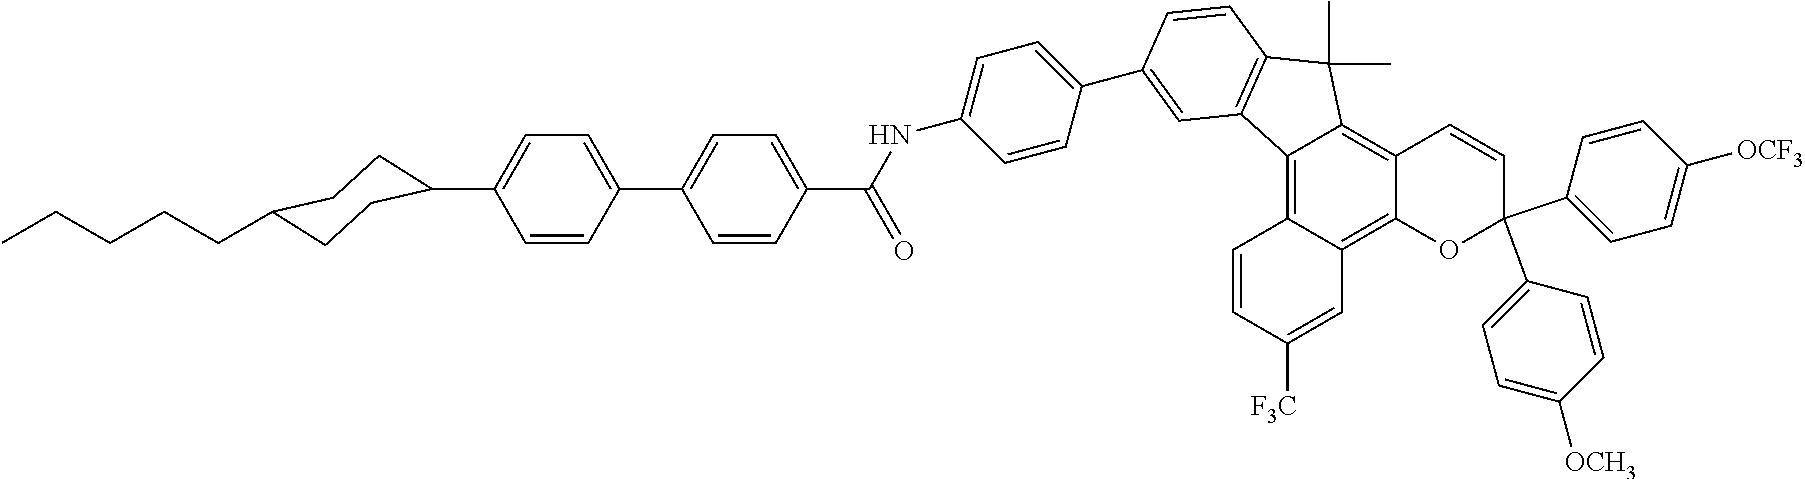 Figure US08545984-20131001-C00040